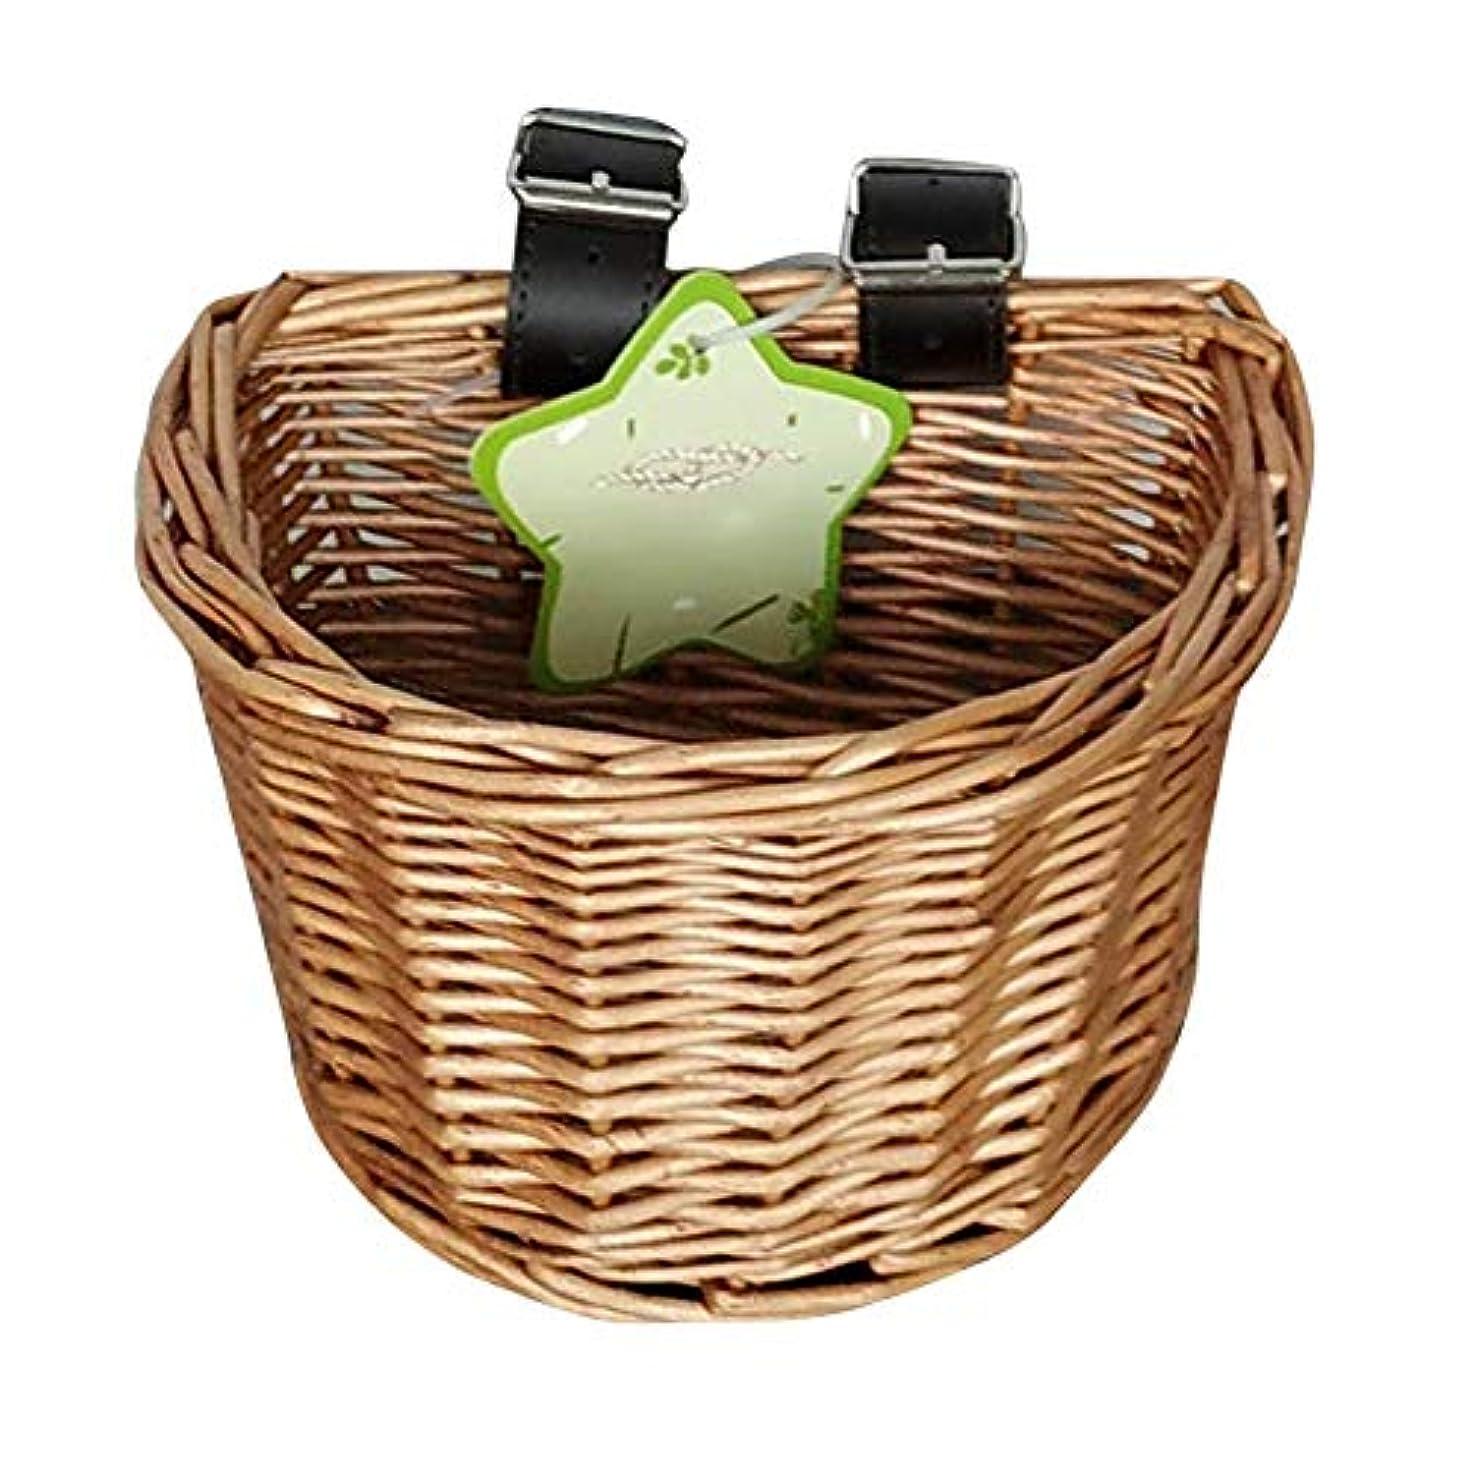 均等にストレススピーカー子供自転車かご バスケット 自然な藤材料 防水性 柔らかく 耐久 良い容器 人工織物製織技術 シンプル 寛大 ファッショントレンド